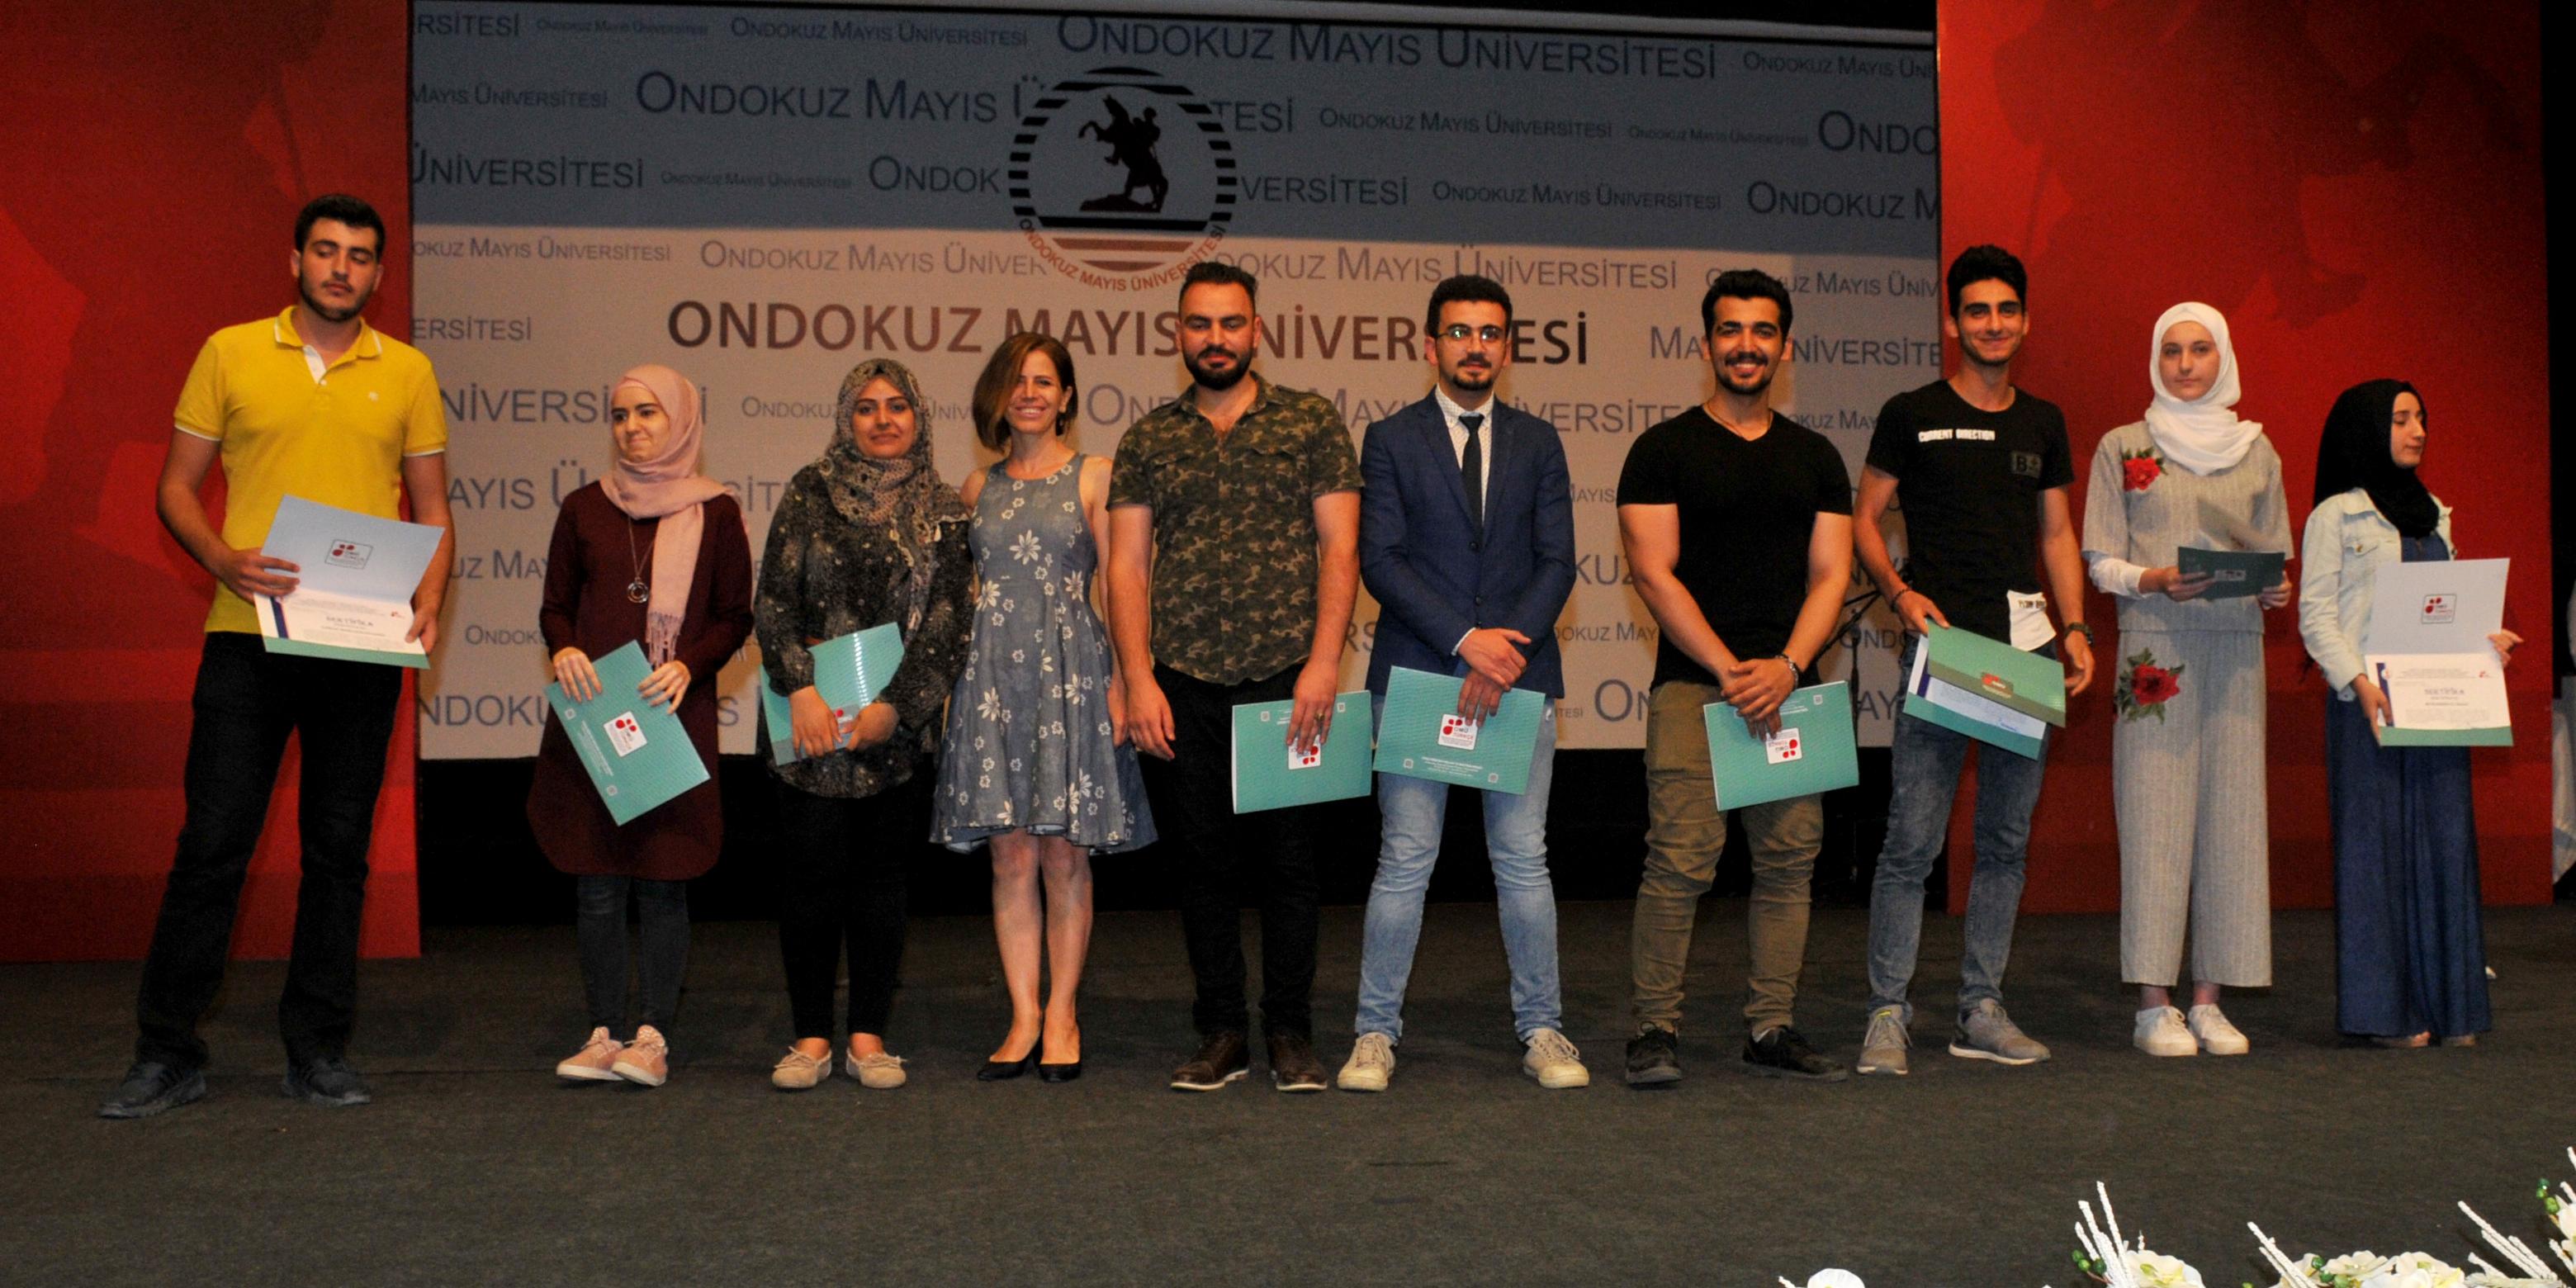 http://www.omu.edu.tr/sites/default/files/files/uluslararasi_ogrencilerle_turkce_soleni/dsc_0845.jpg